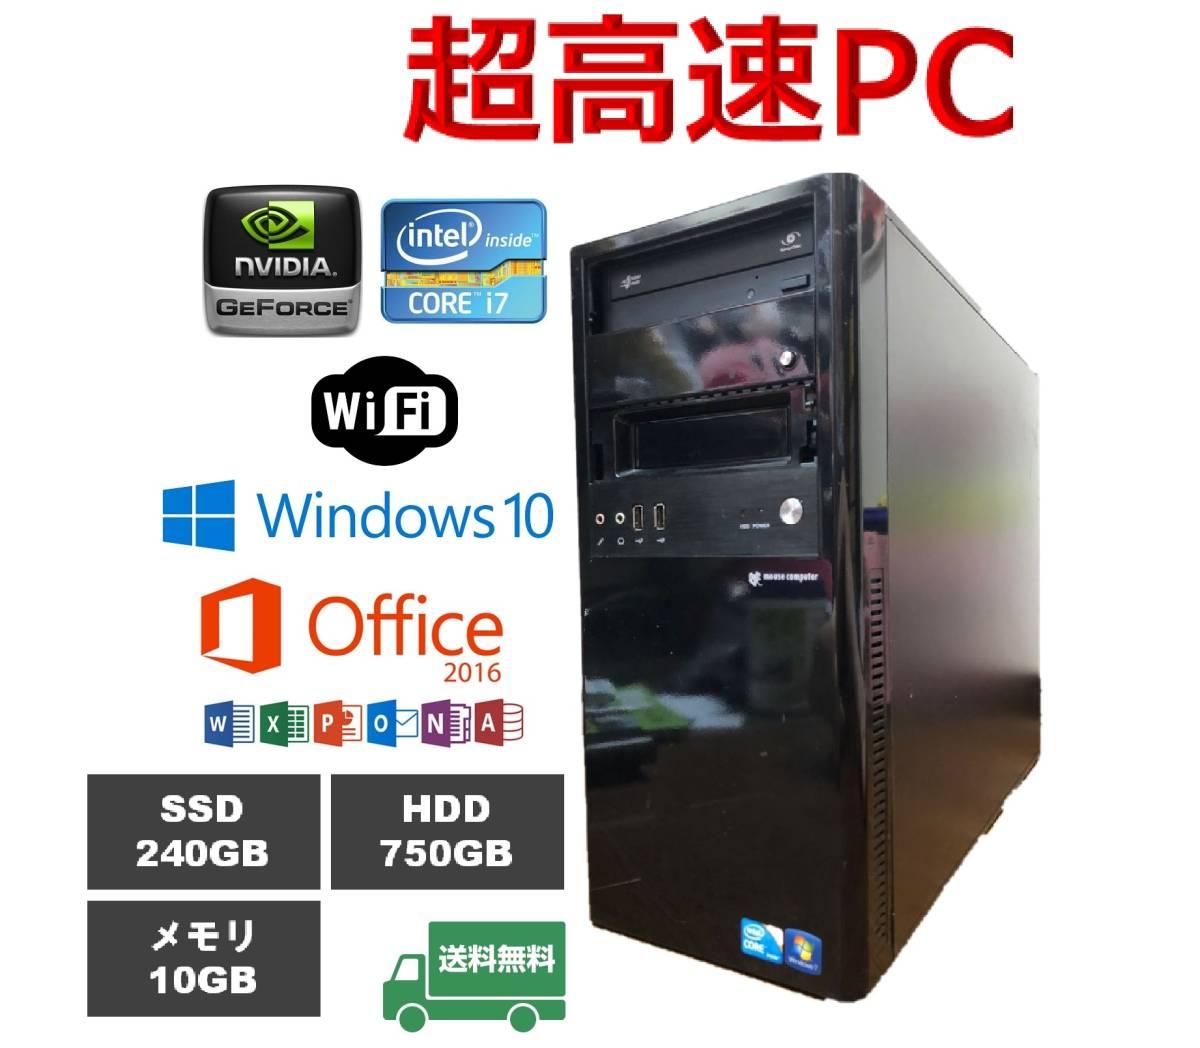 ★マウスコンピューター★高速Core i7搭載★新品SSD240GB+HDD2台★メモリ10GB★無線LAN★GeForceグラボ★最新Win10★MS Office 2016★